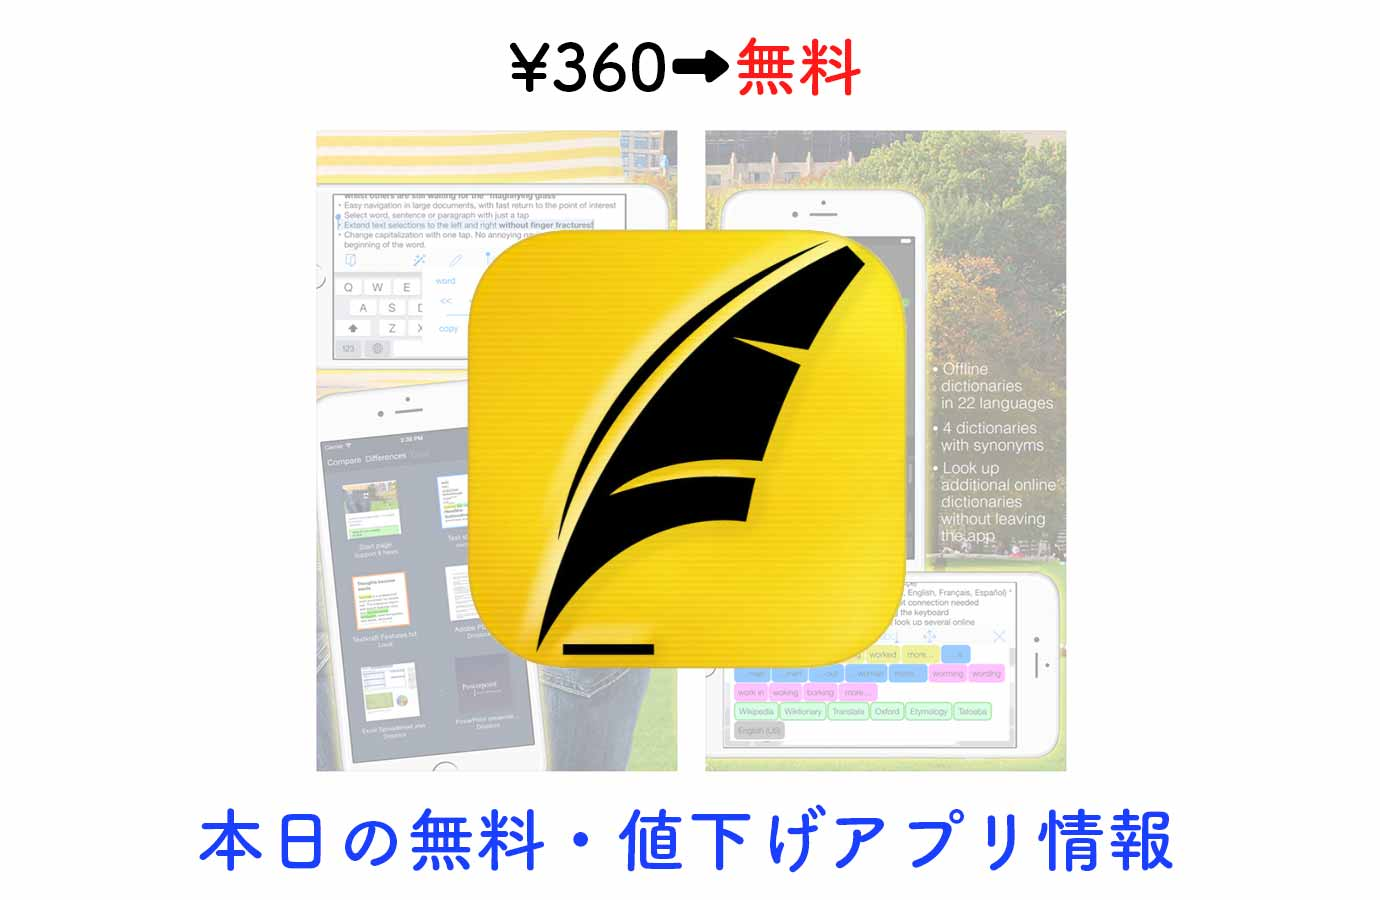 ¥360→無料、高機能テキストエディタアプリ「Textkraft Pocket」など【8/21】本日の無料・値下げアプリ情報